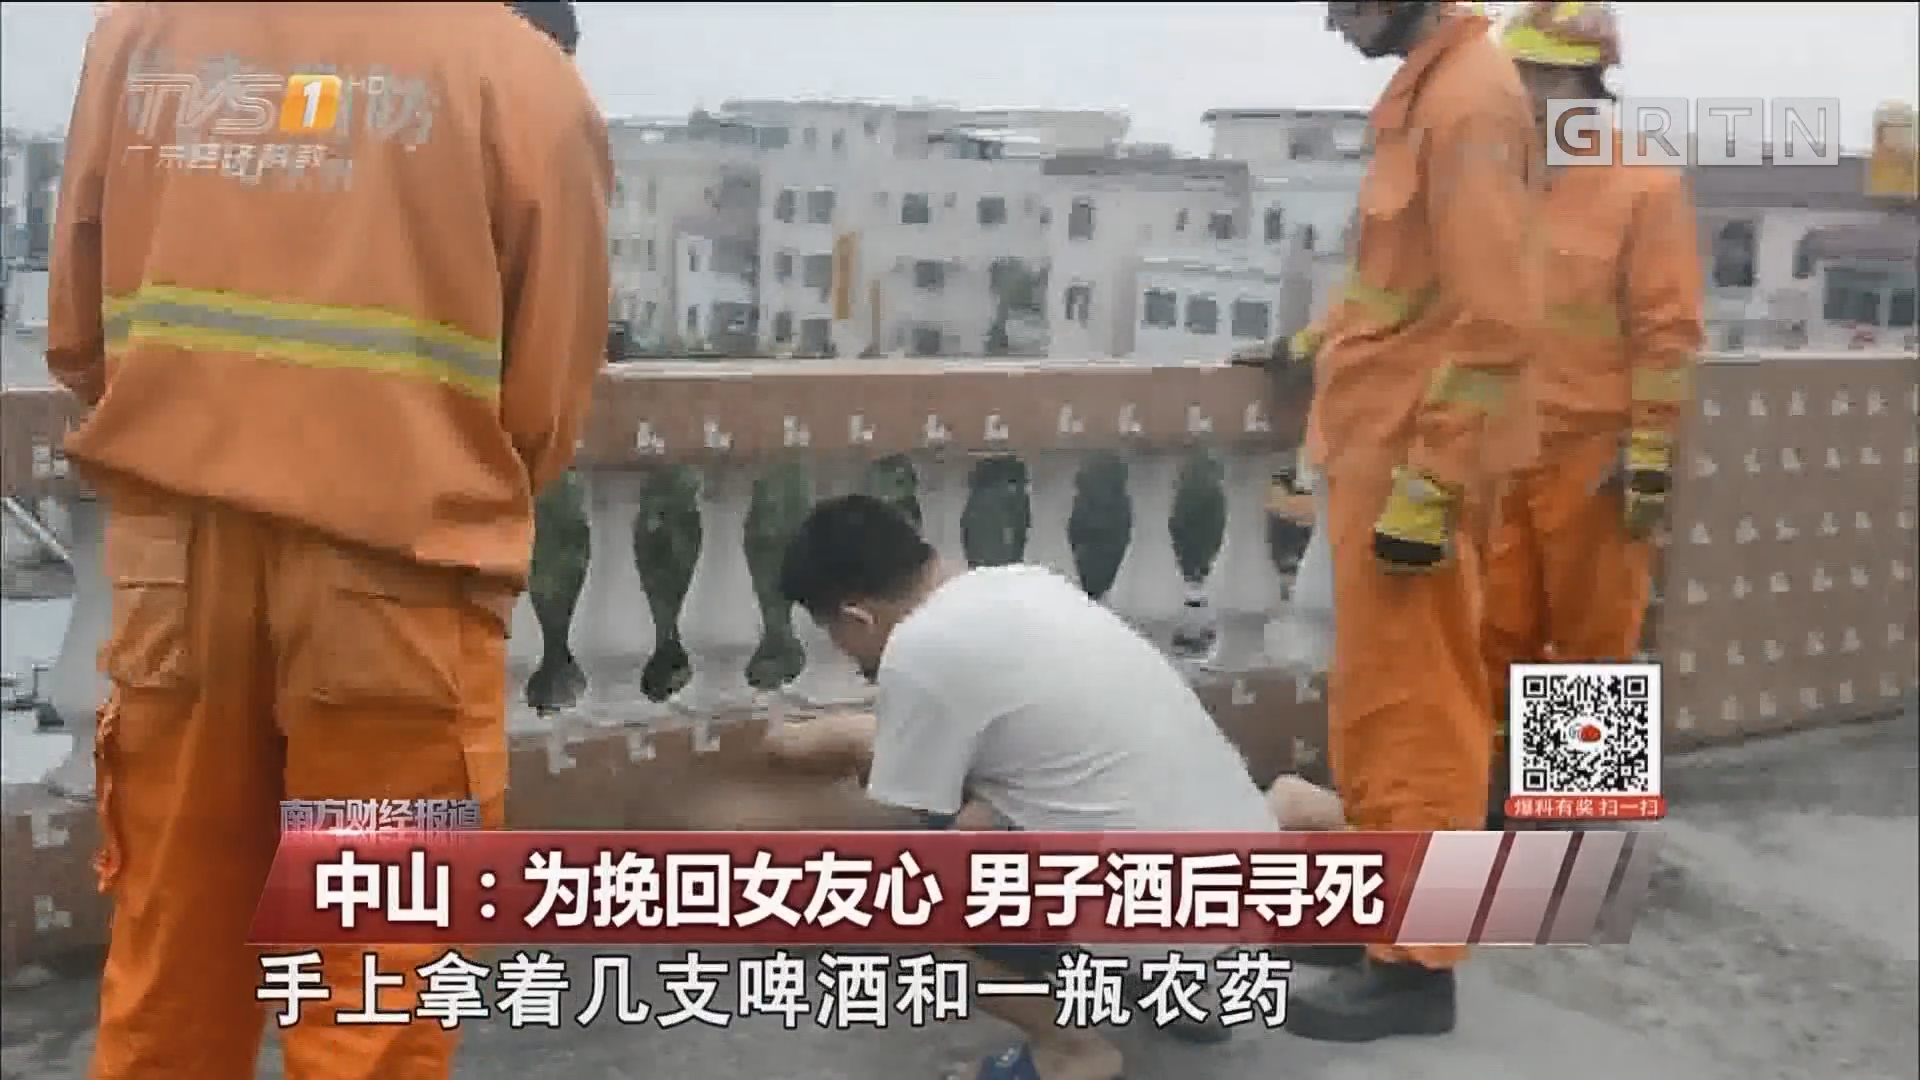 中山:为挽回女友心 男子酒后寻死